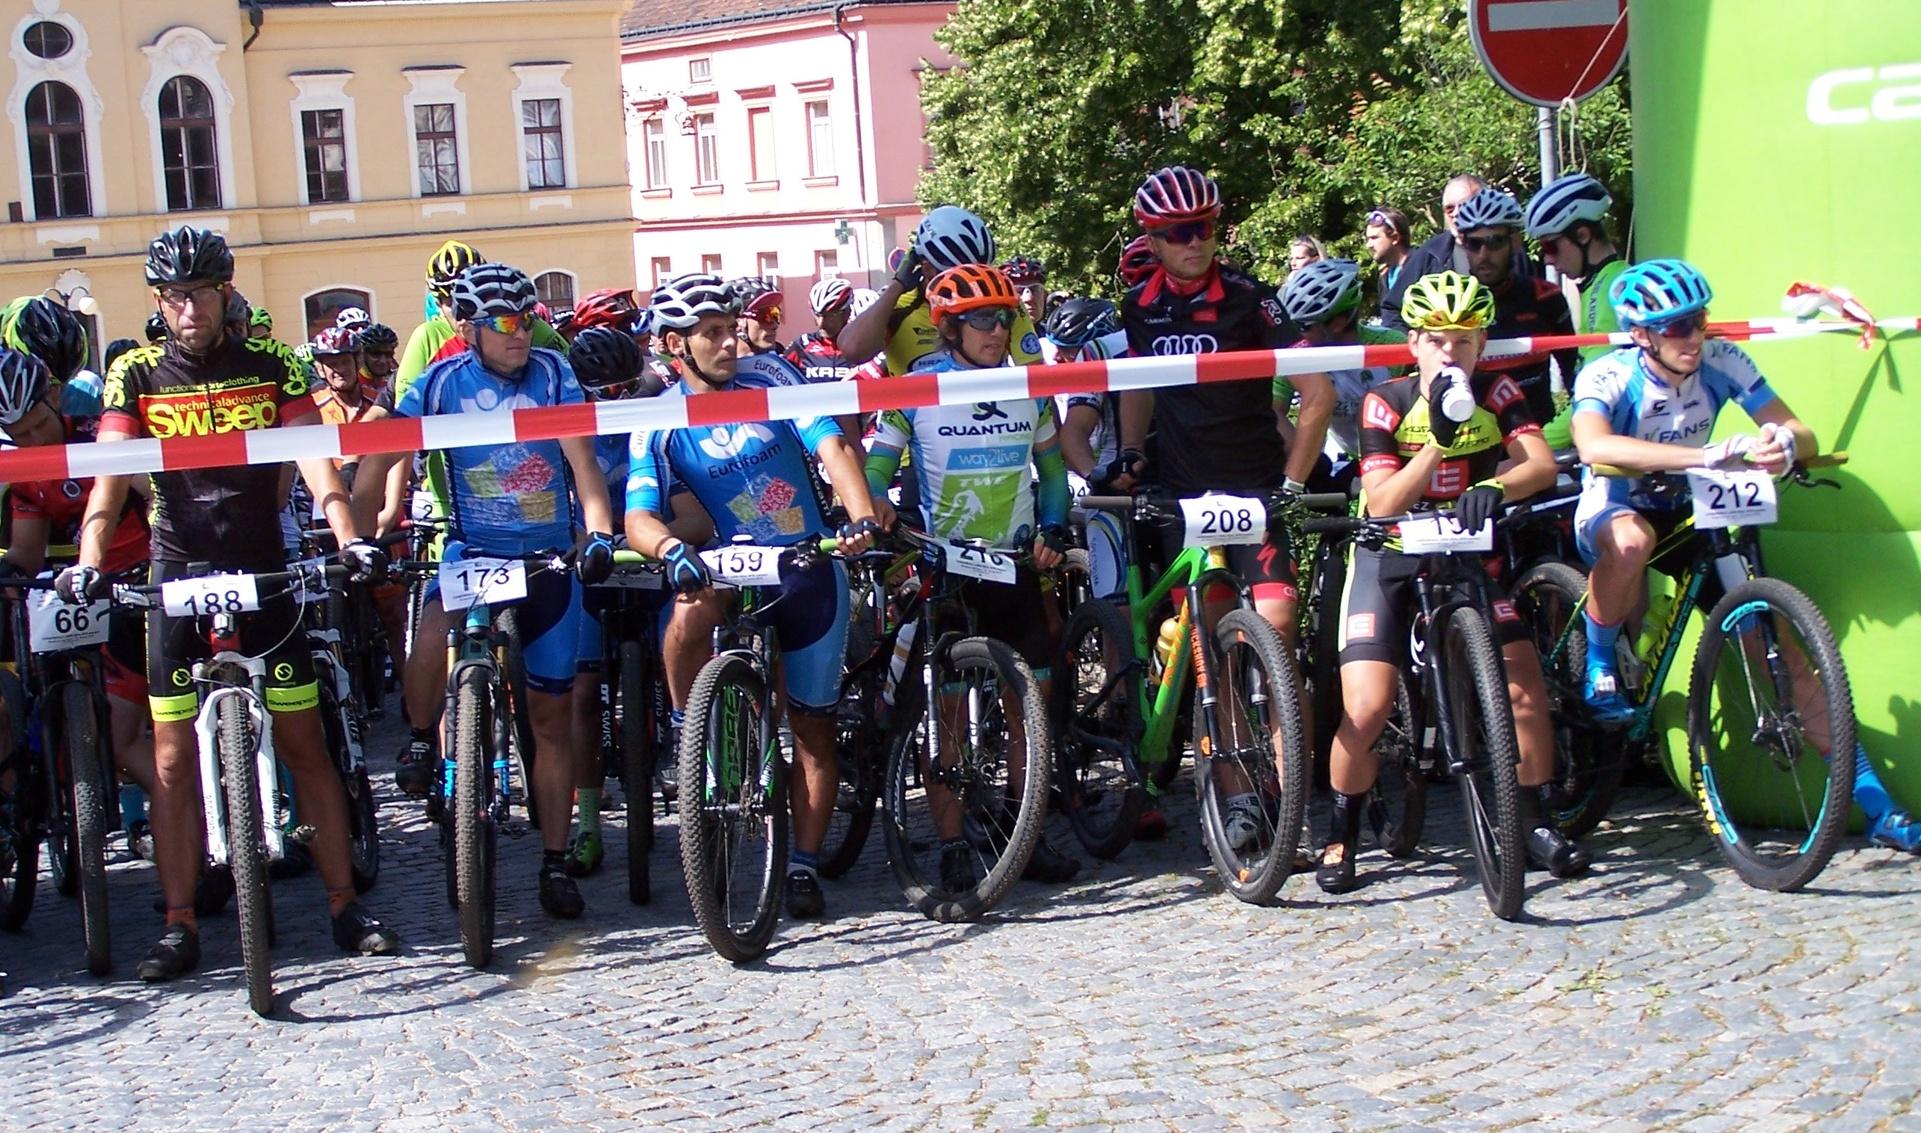 Závod byl odstartován v nádherném prostředí Kamenice nad Lipou, která stojí za návštěvu.